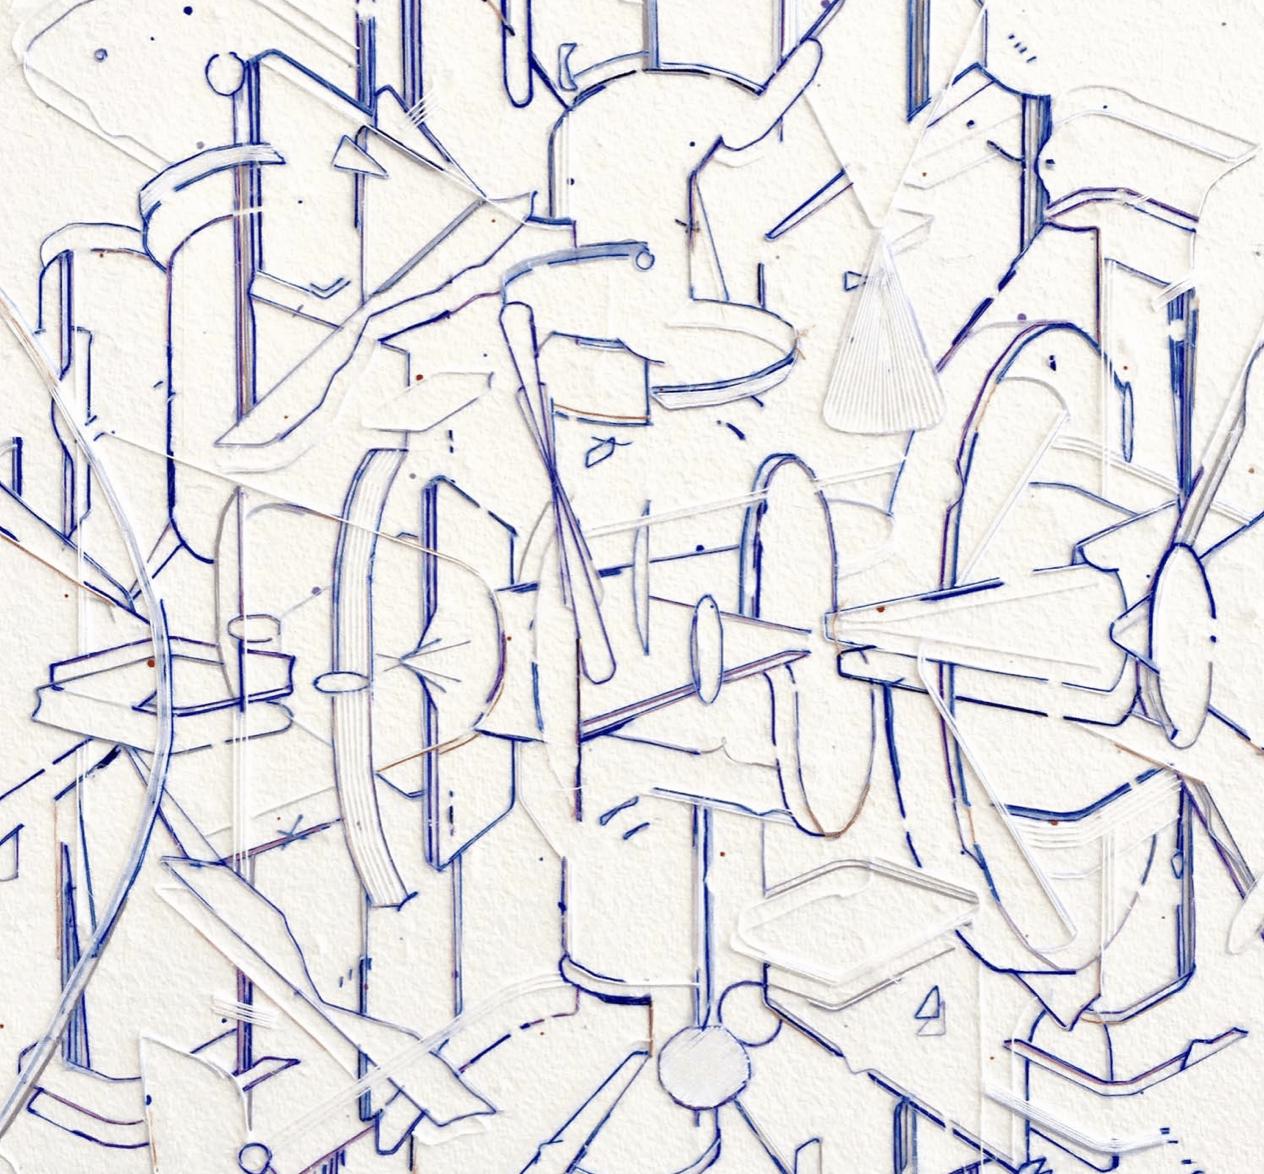 Keita Mori, Kasetsu no kasetsu, Galerie Putman